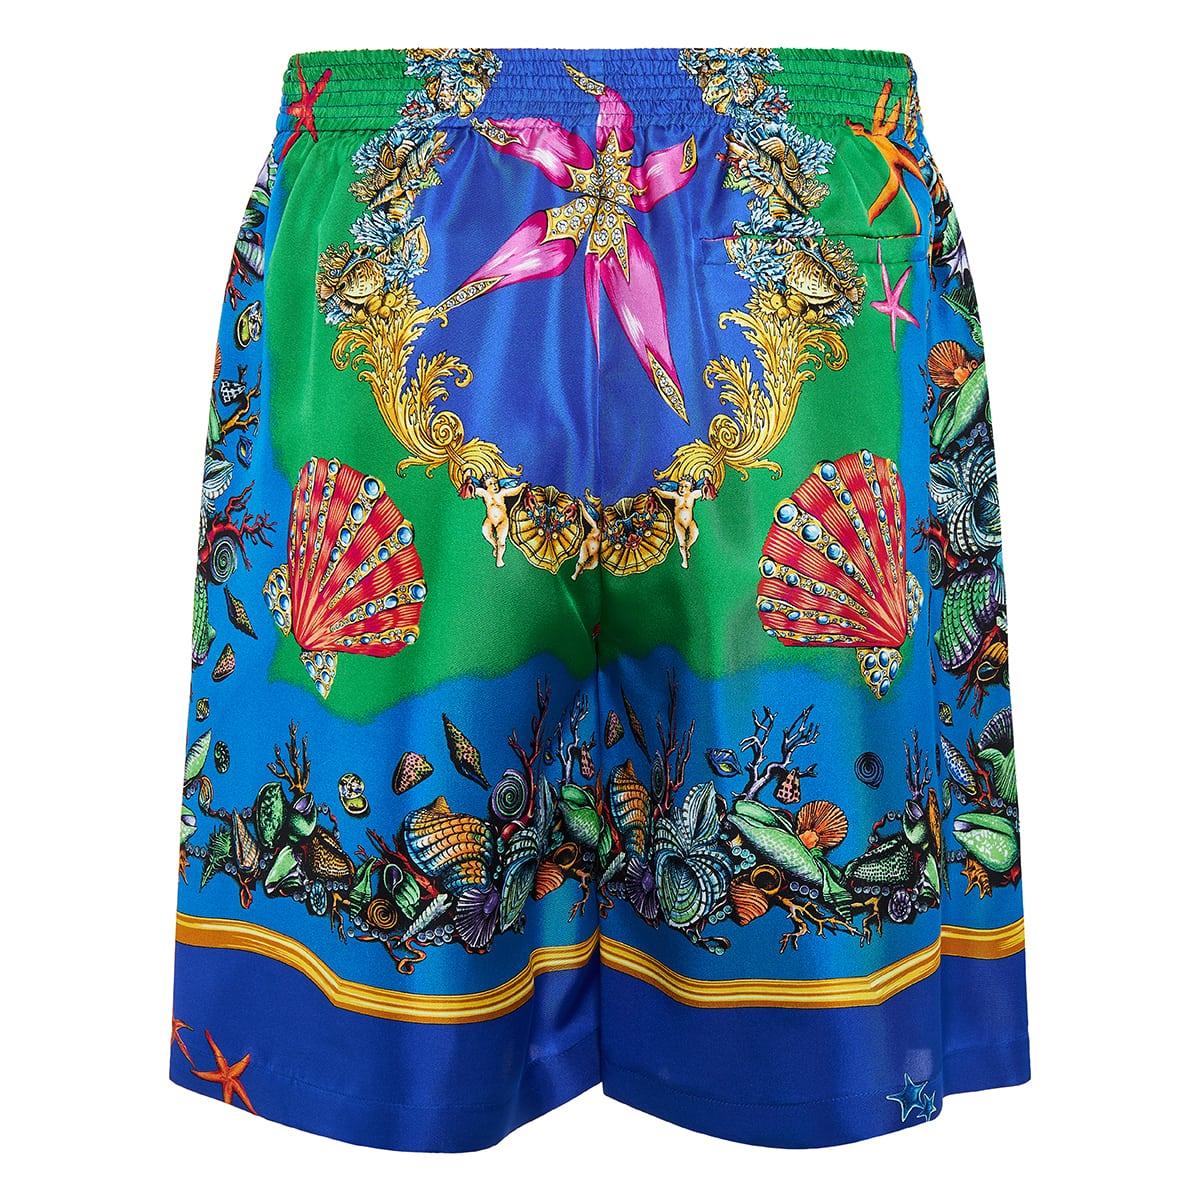 Trésor de la Mer printed silk shorts